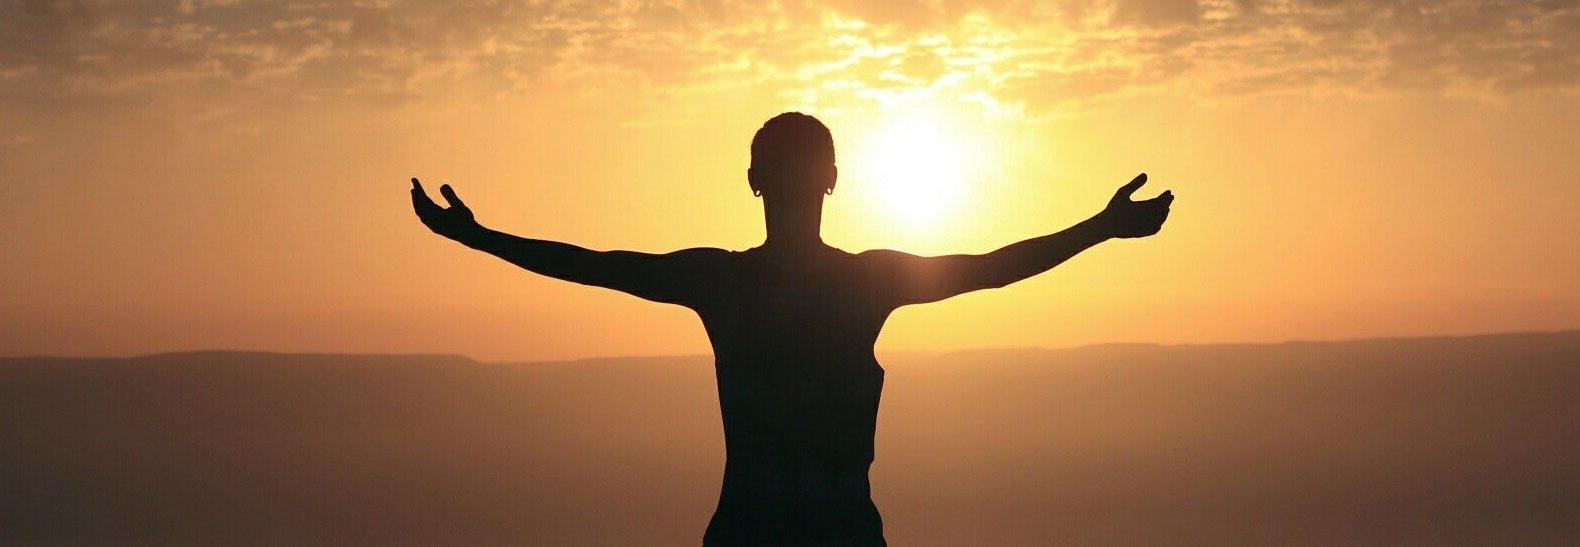 Nuova spiritualità